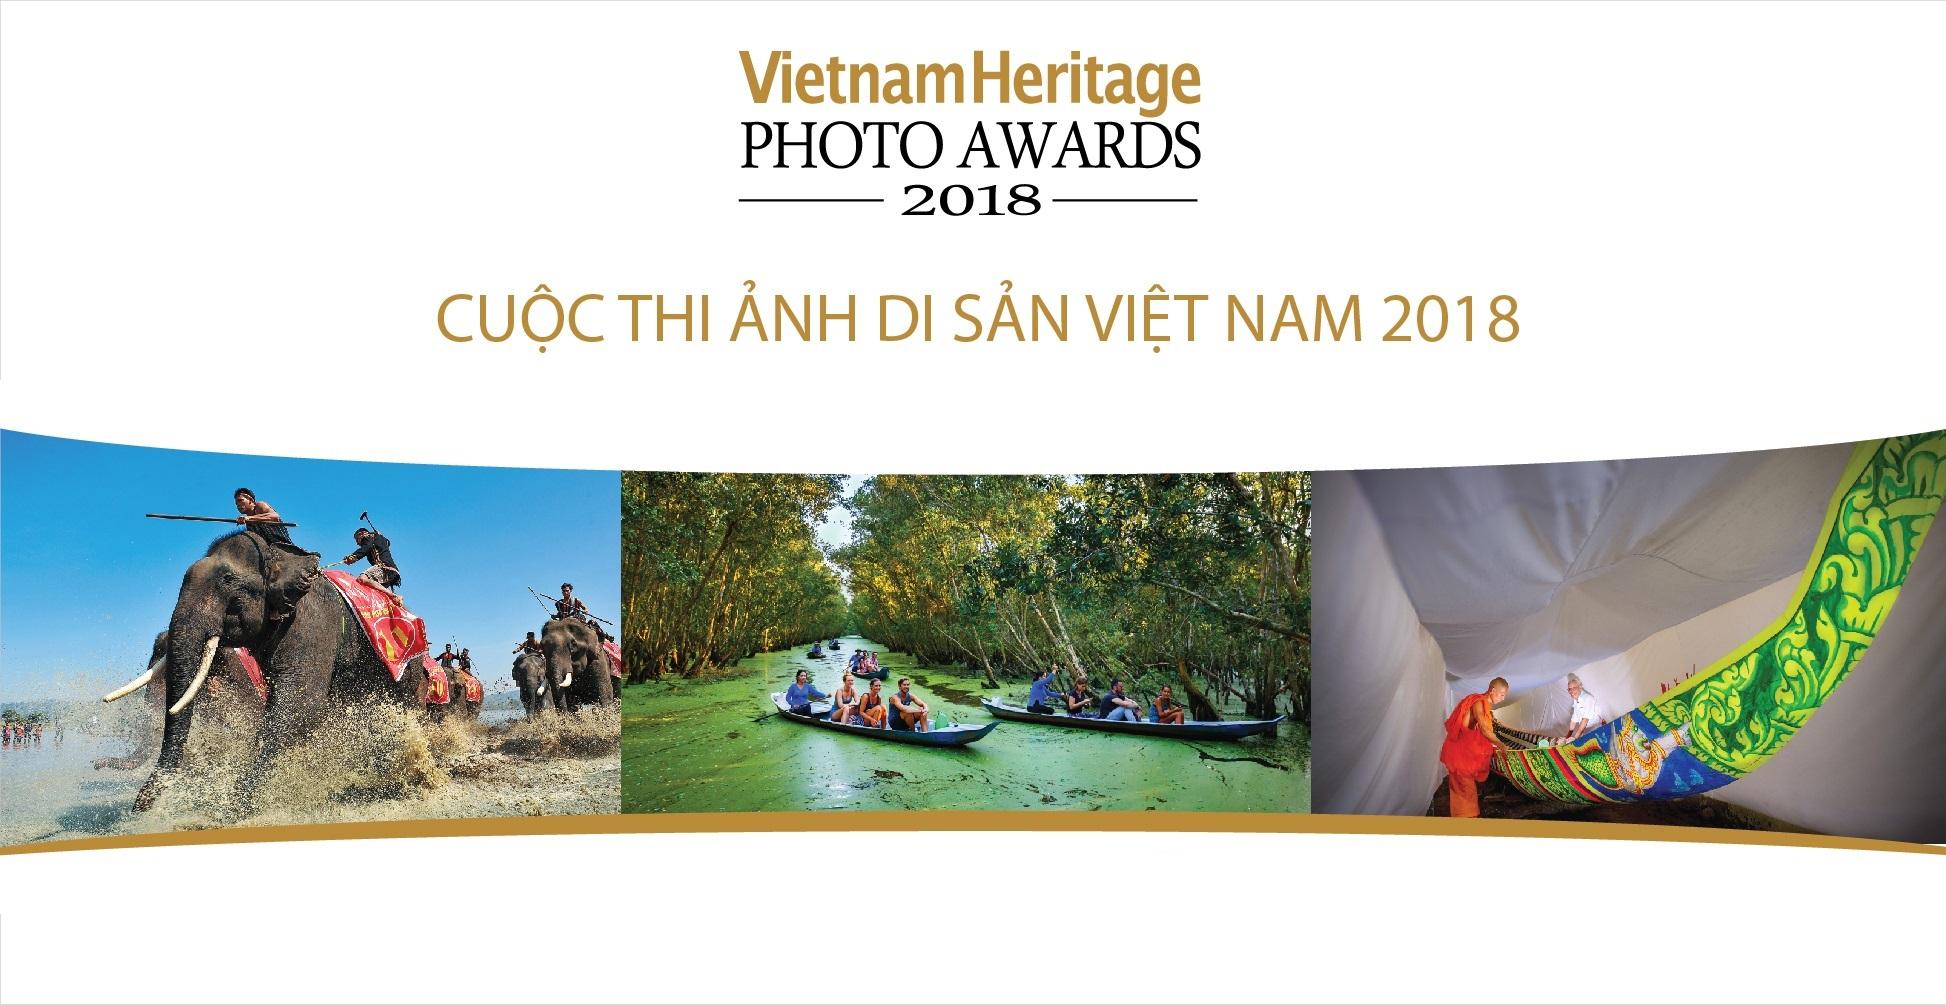 Canon phát động Cuộc thi ảnh Di sản Việt Nam – Vietnam Heritage Photo Awards 2018